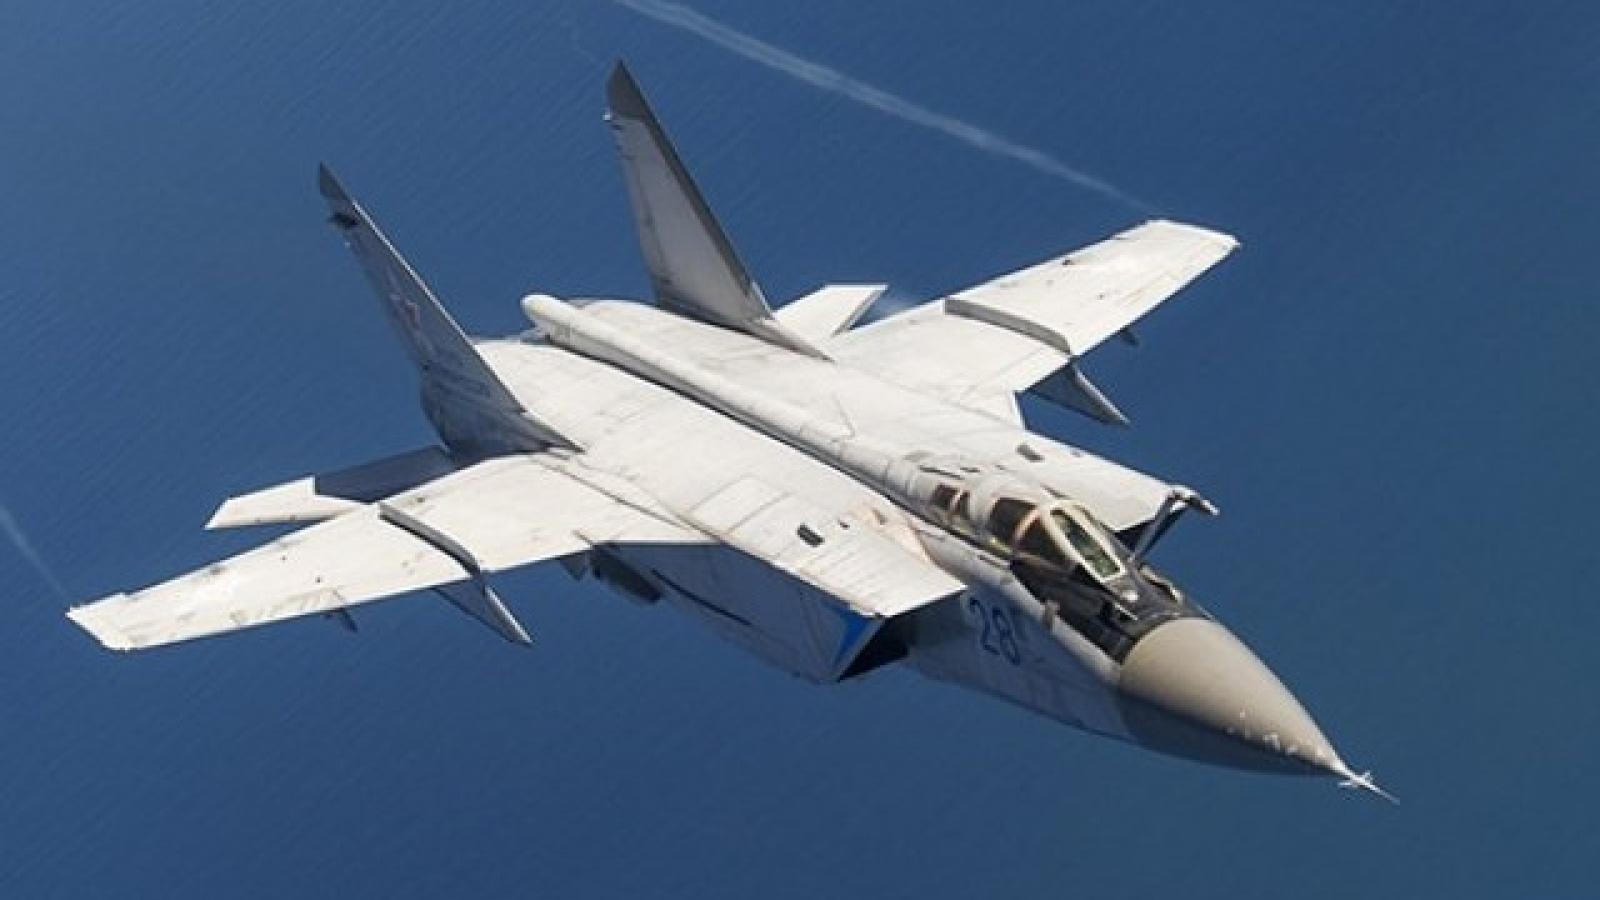 Chiến đấu cơ MiG-31 của Nga chặn máy bay quân sự của Mỹ và Na Uy trên biển Barents